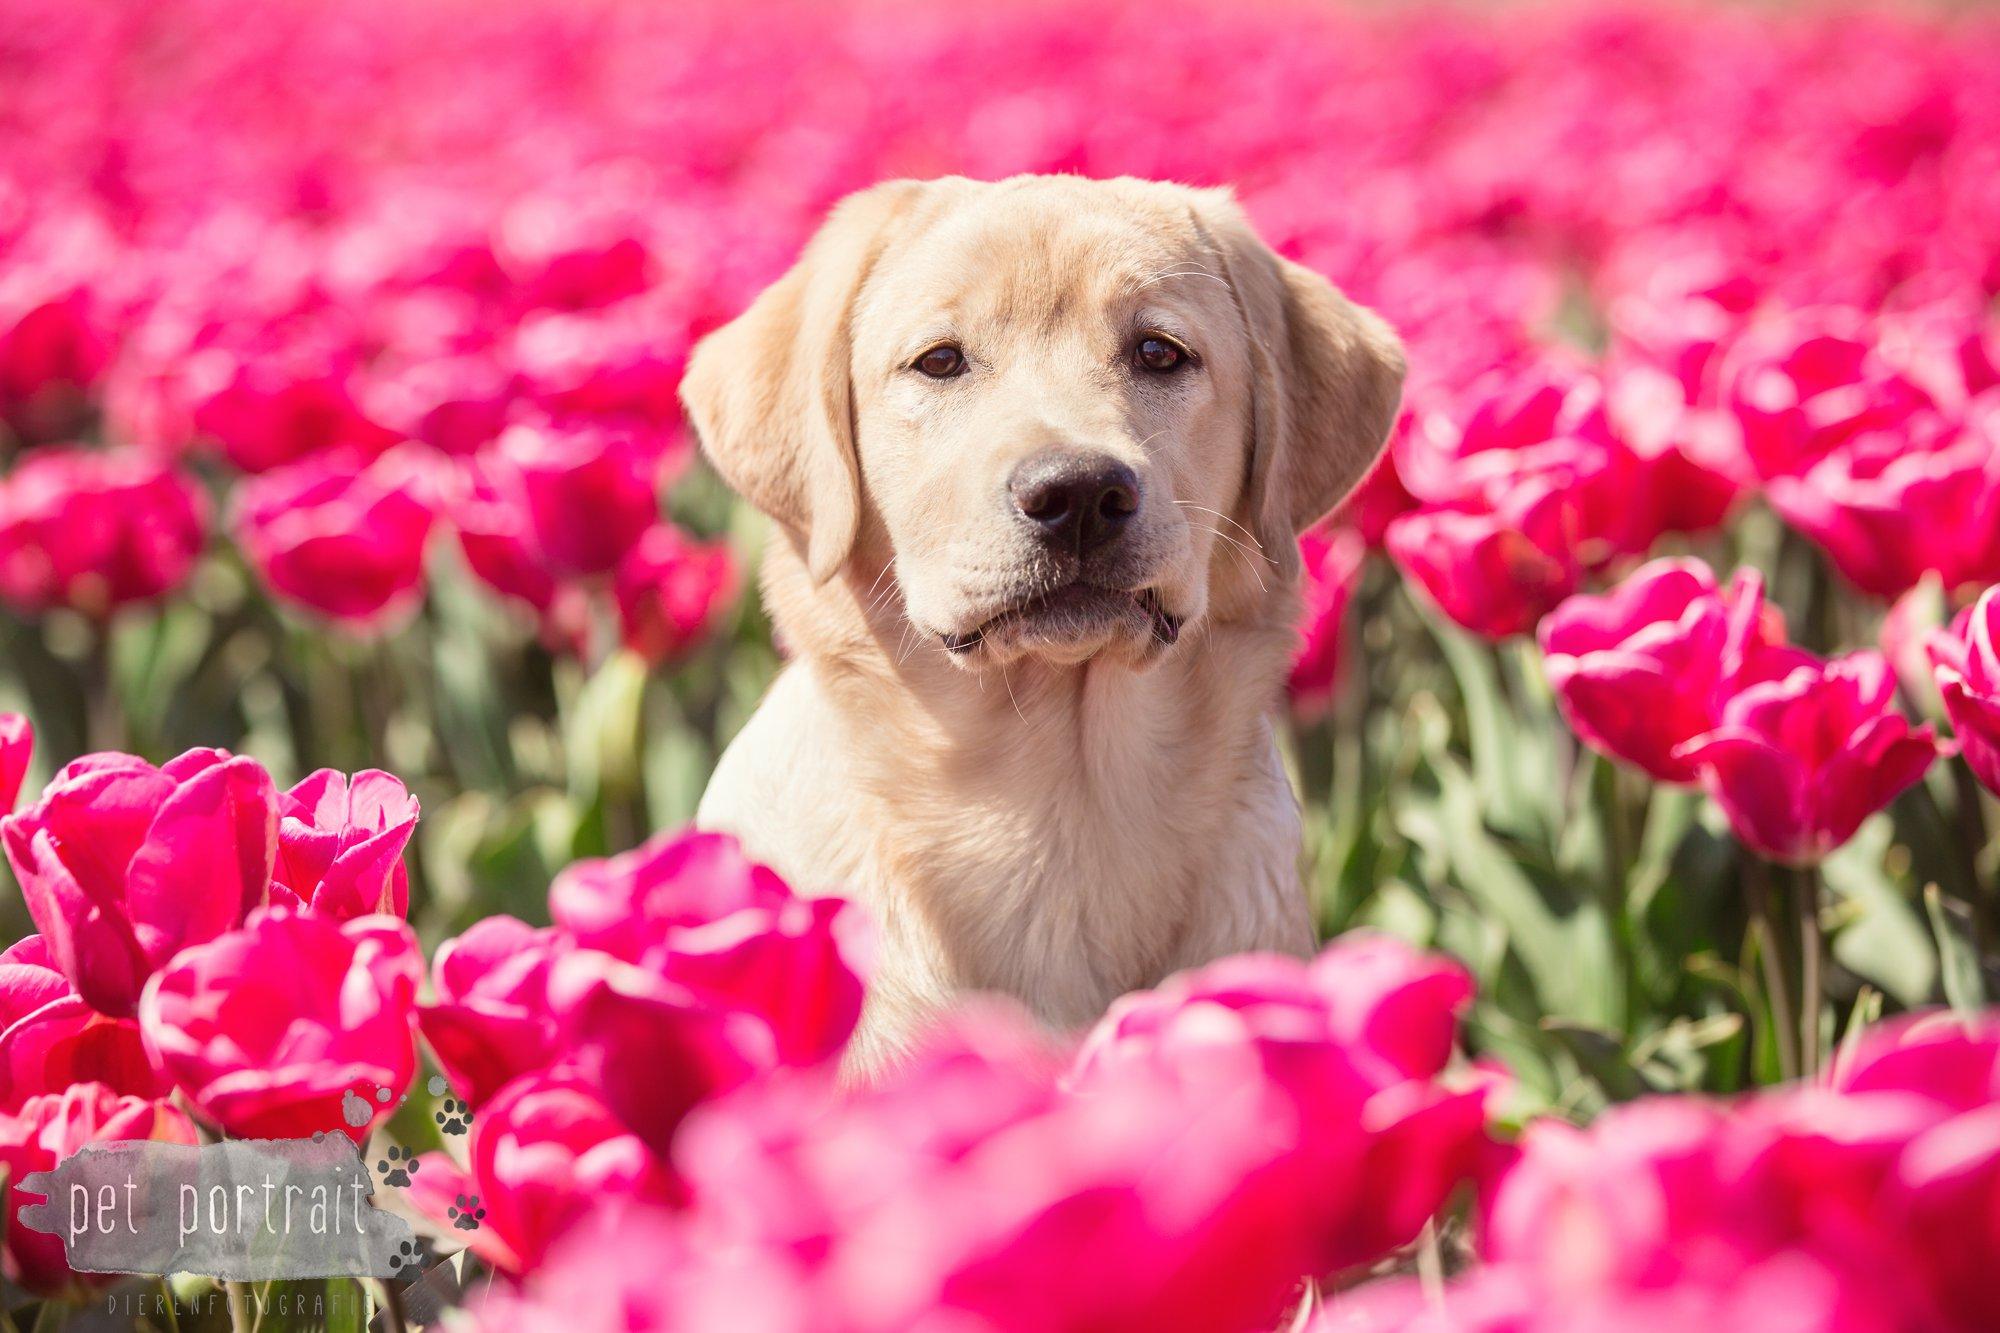 Hondenfotograaf Hillegom - Labradors tussen de tulpen-2